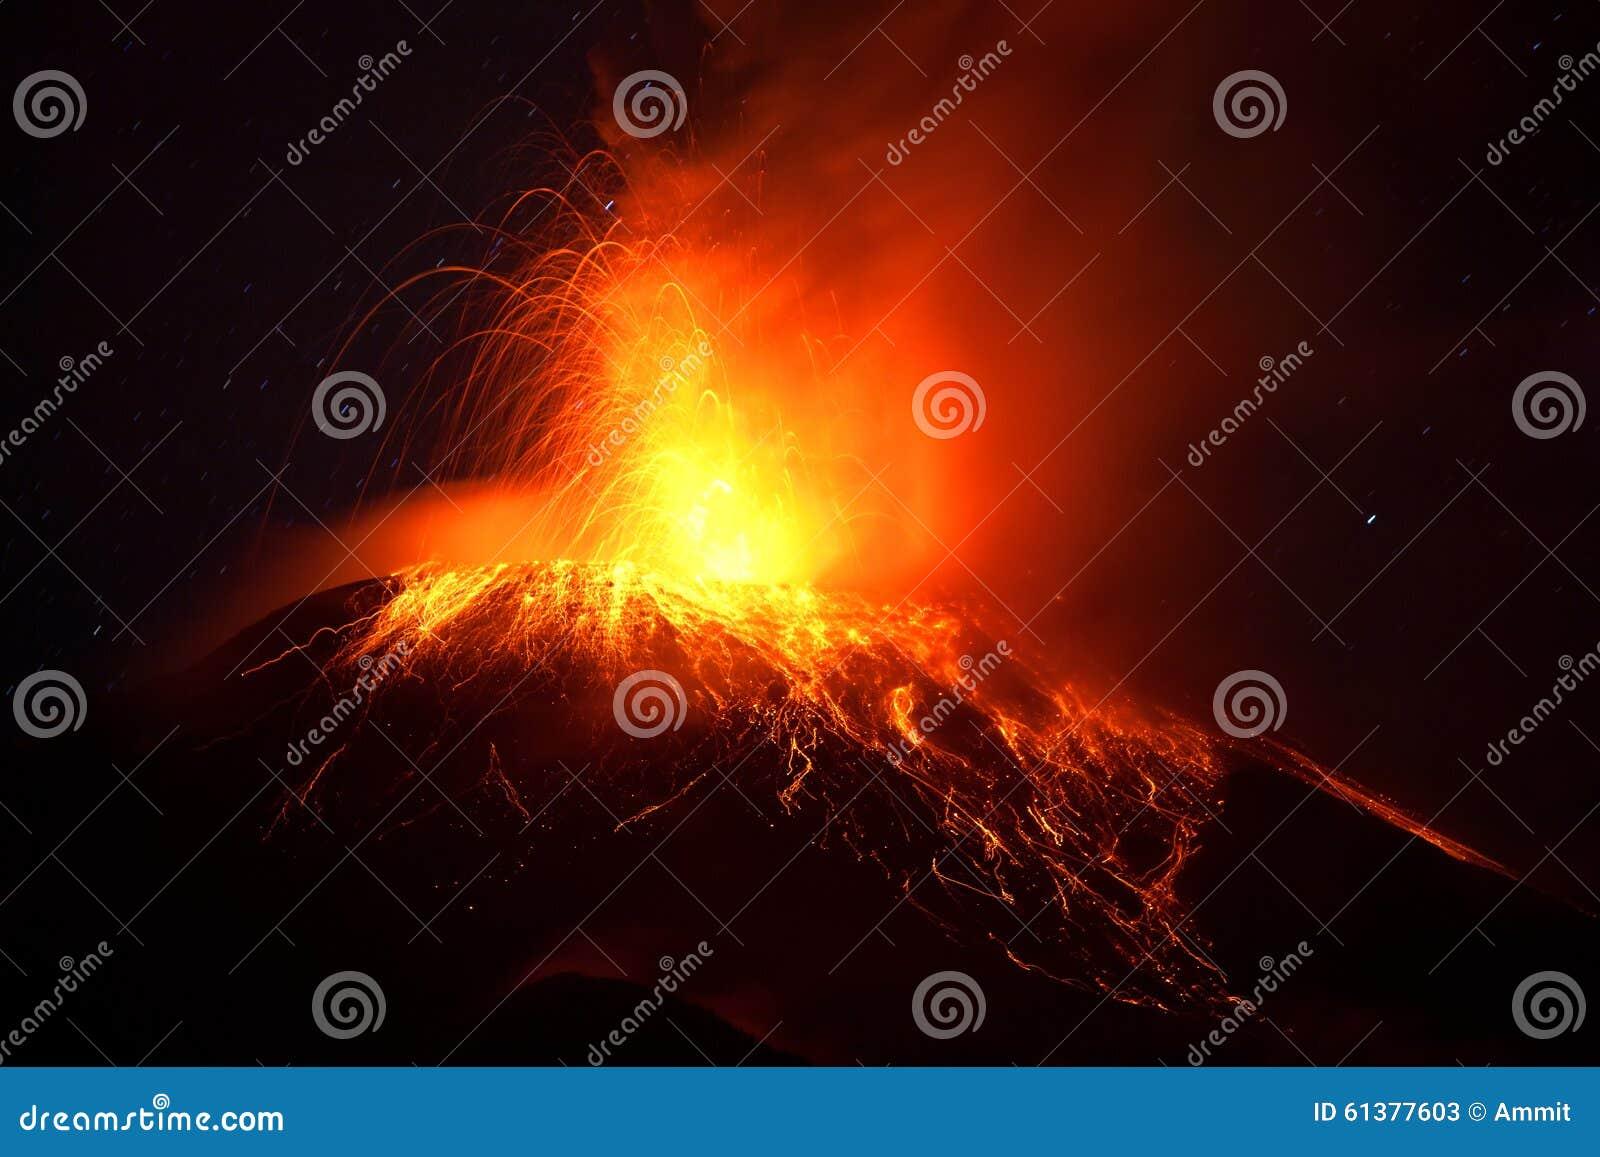 Tungurahua Volcano Powerful Night Eruption